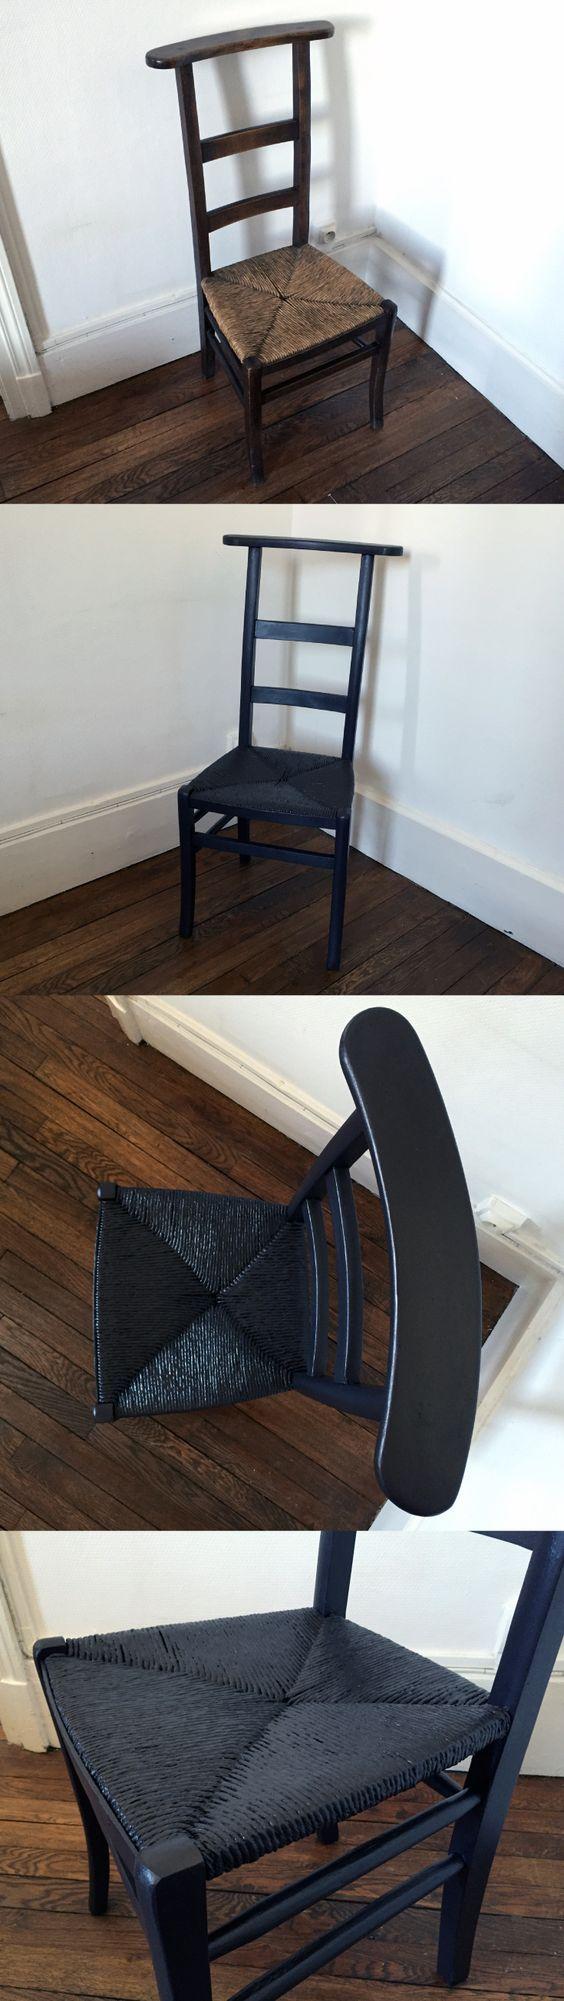 Chaise tressée remise au goût du jour ! / Plaited chair back into fashion !  By Pierre-Louis Labonne.